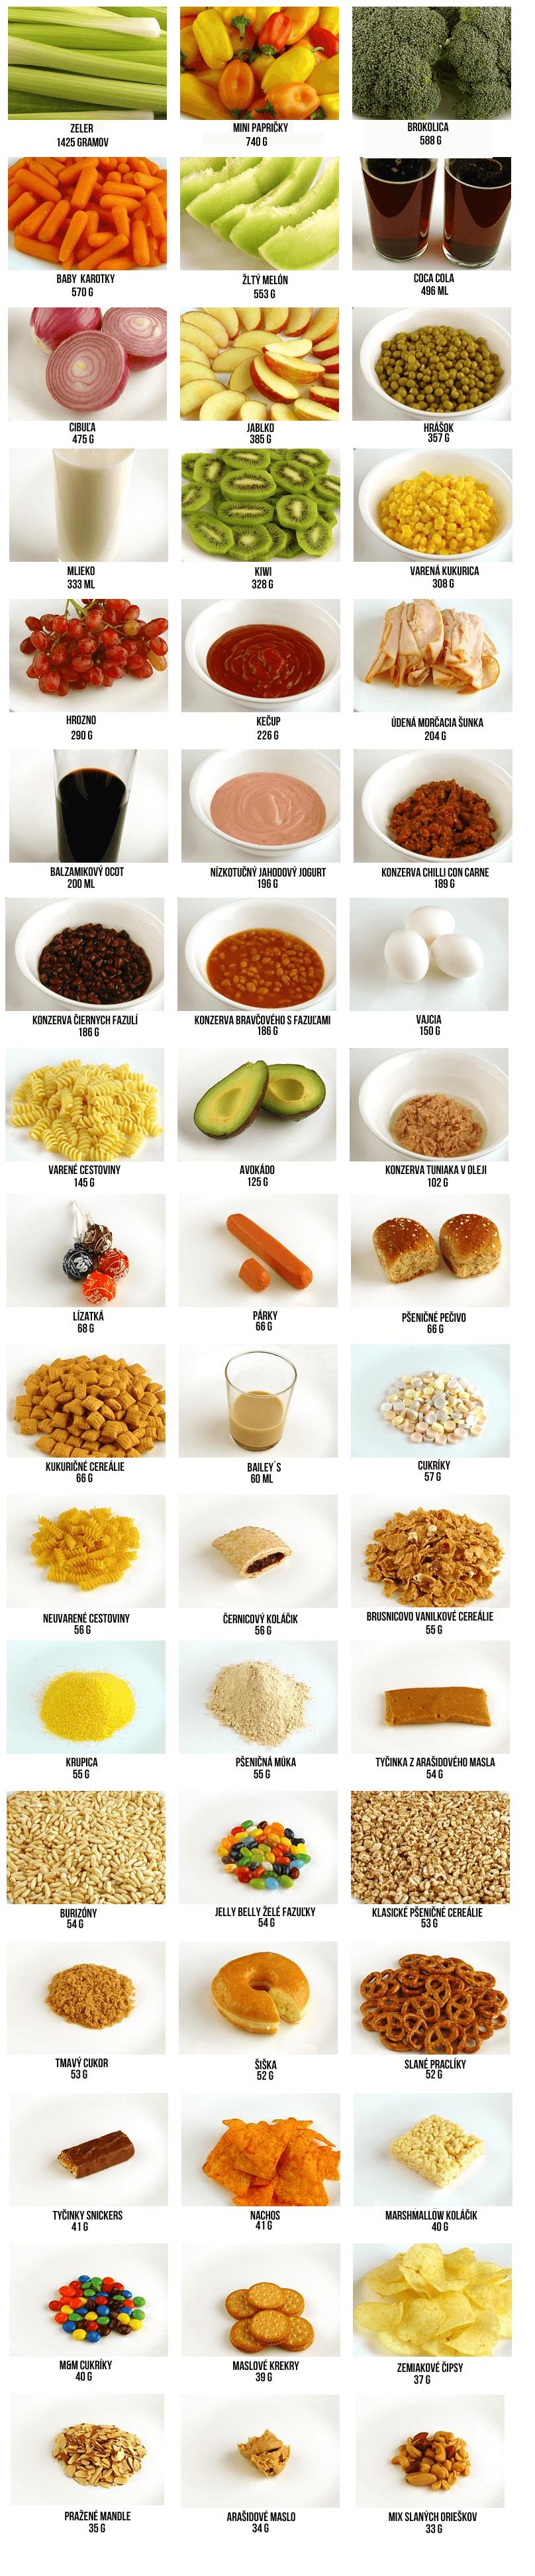 ako vyzerá 200 kalórií rôznych potravín